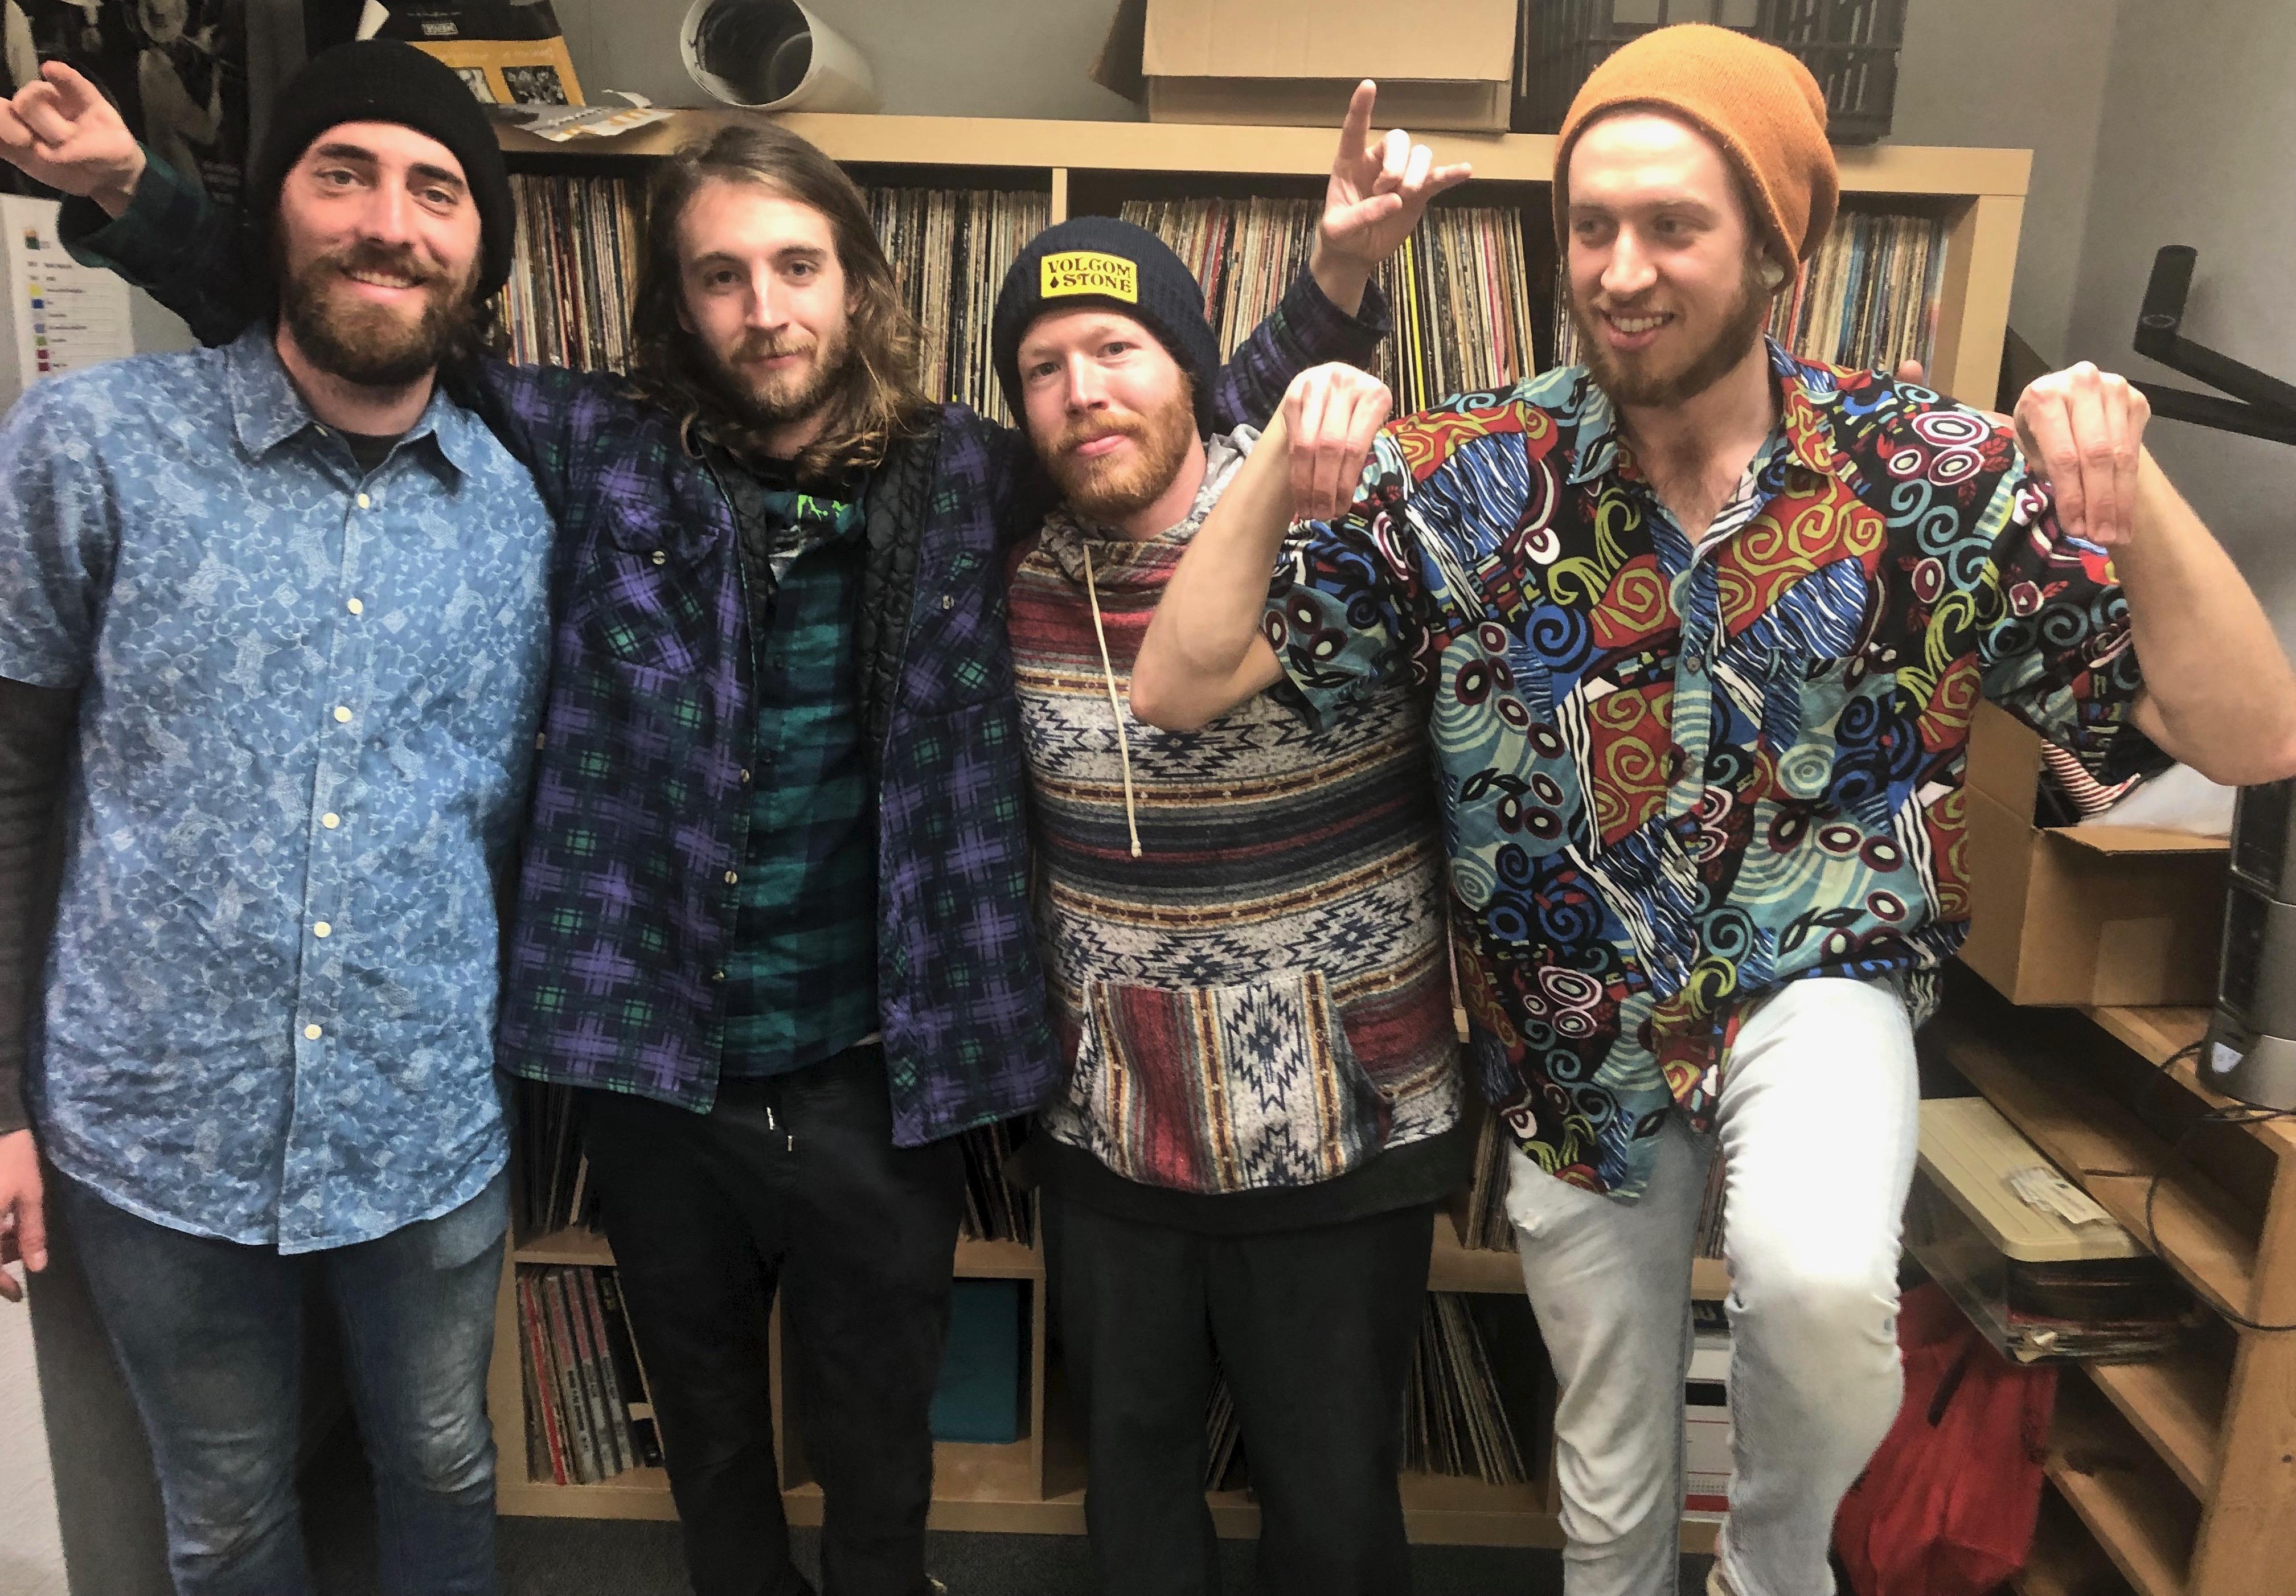 brotherly Mud, KDRT, pieter pastoor, Listening Lyrics